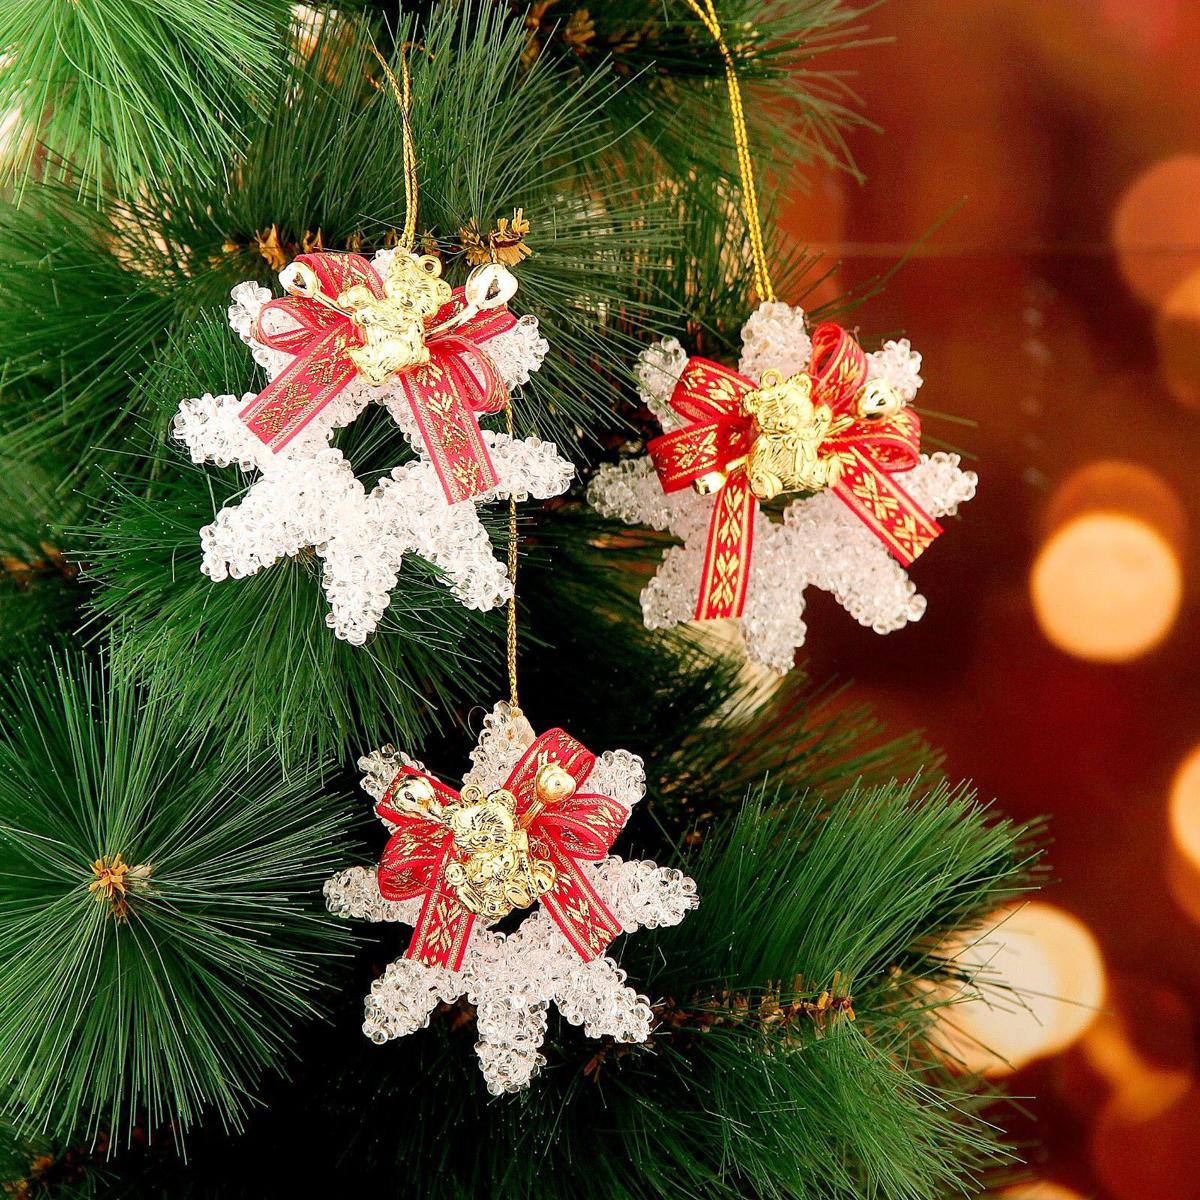 Набор новогодних подвесных украшений Снежинка с красной лентой, 7 х 7 см, 3 шт2371319Набор новогодних подвесных украшений отлично подойдет для декорации вашего дома и новогодней ели. С помощью специальной петельки украшение можно повесить в любом понравившемся вам месте. Но, конечно, удачнее всего оно будет смотреться на праздничной елке.Елочная игрушка - символ Нового года. Она несет в себе волшебство и красоту праздника. Такое украшение создаст в вашем доме атмосферу праздника, веселья и радости.